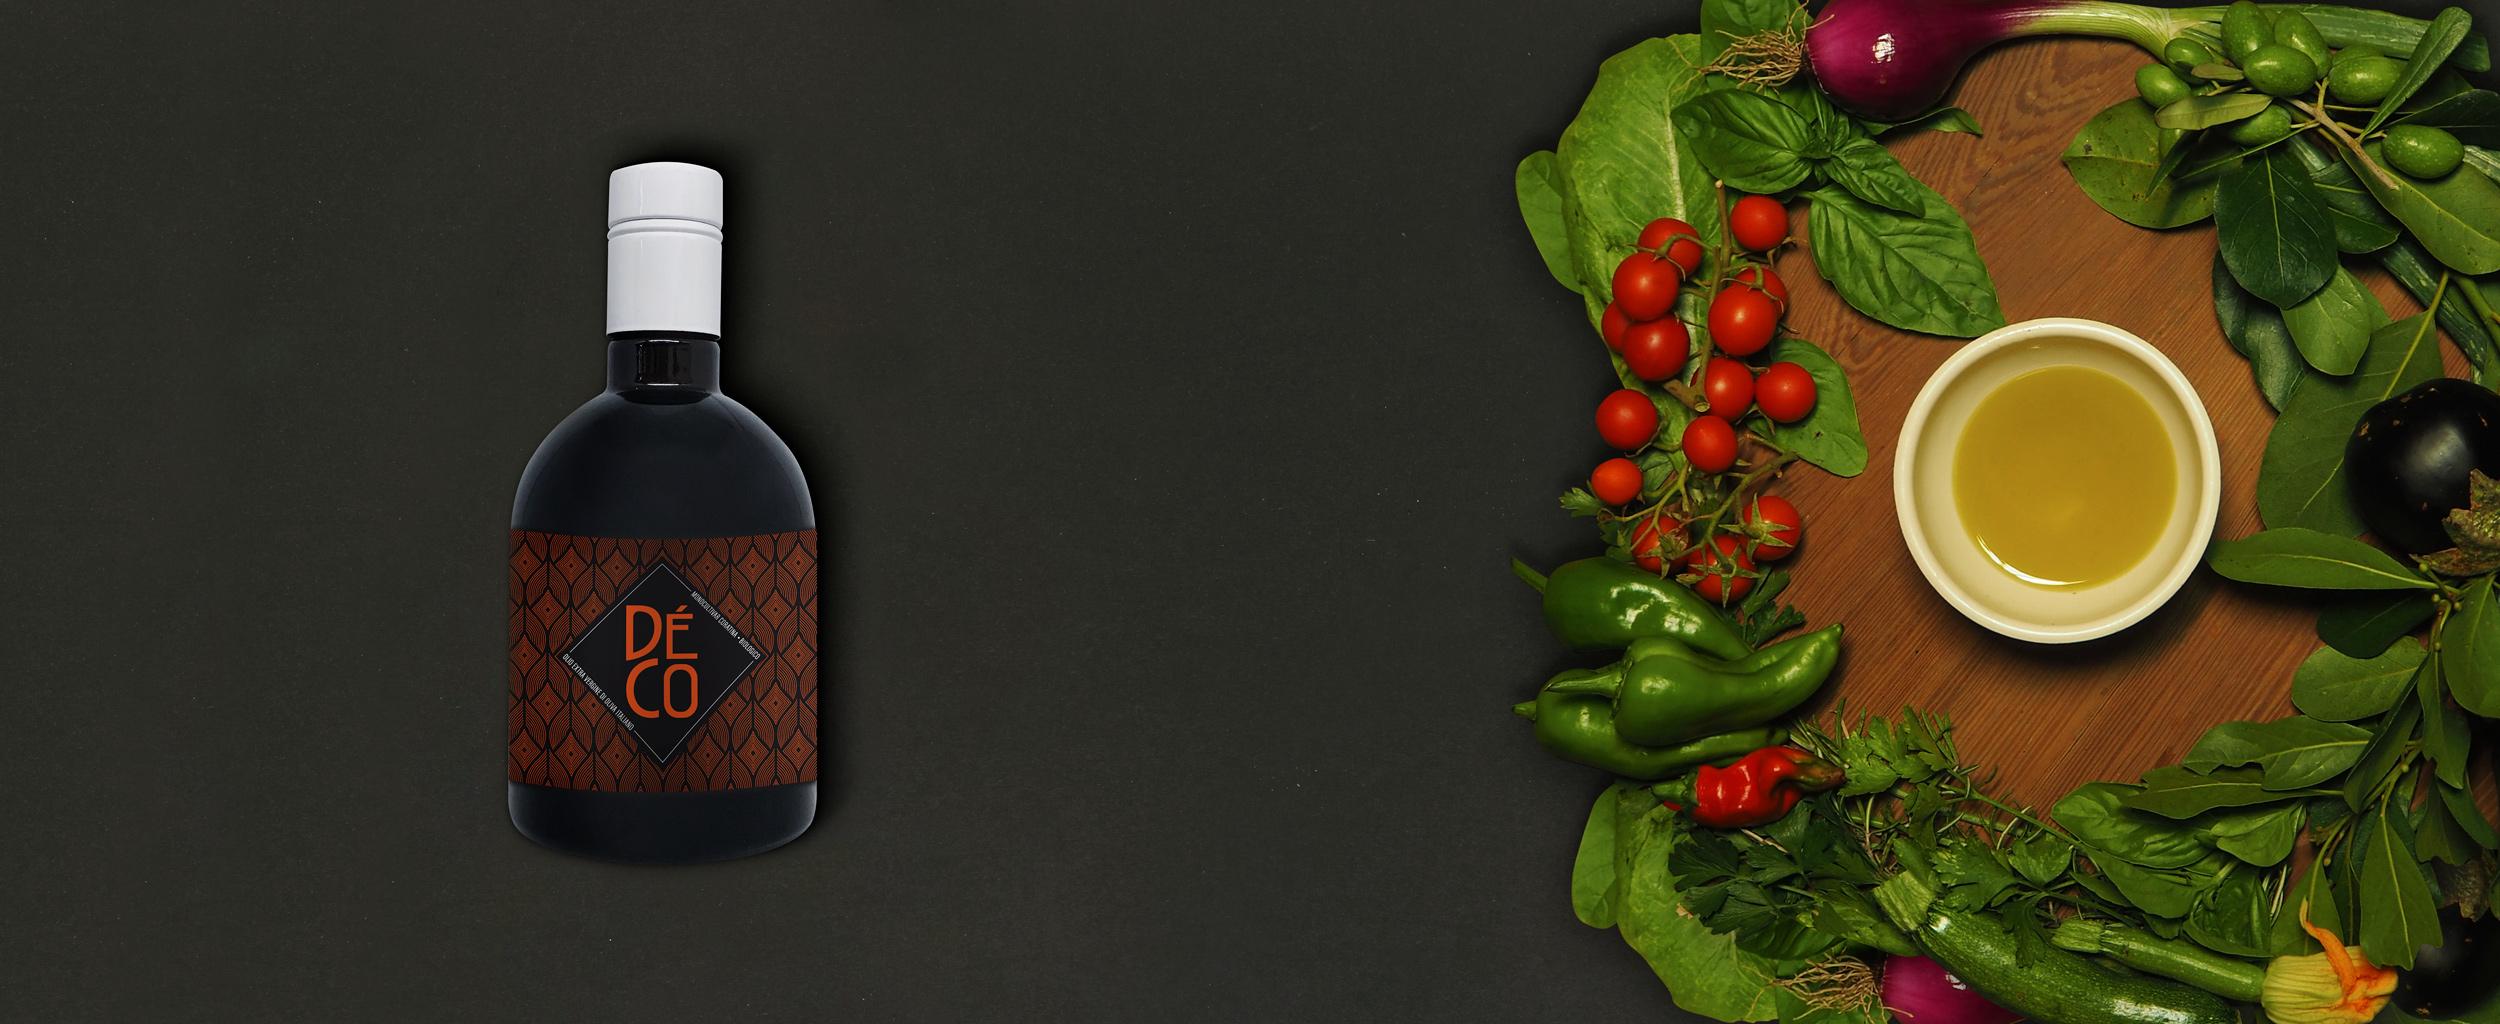 Mockup bottiglia di olio Déco | Déco bio